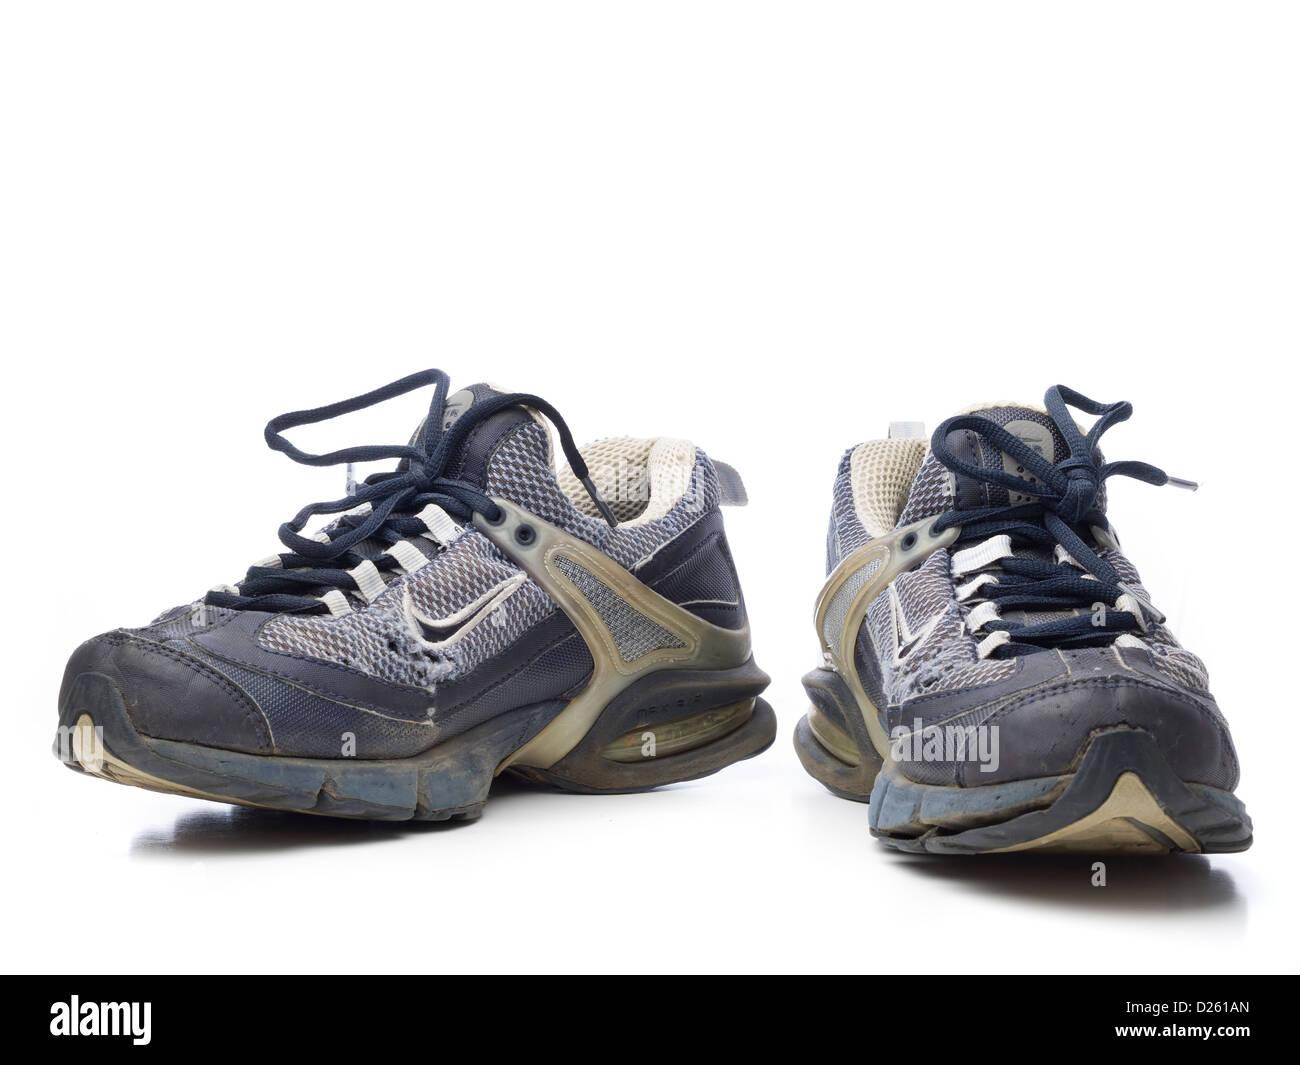 Aislado Sobre Un De Azul Par Fondo Blanco Zapatillas Nike Viejas GVpSqUzM